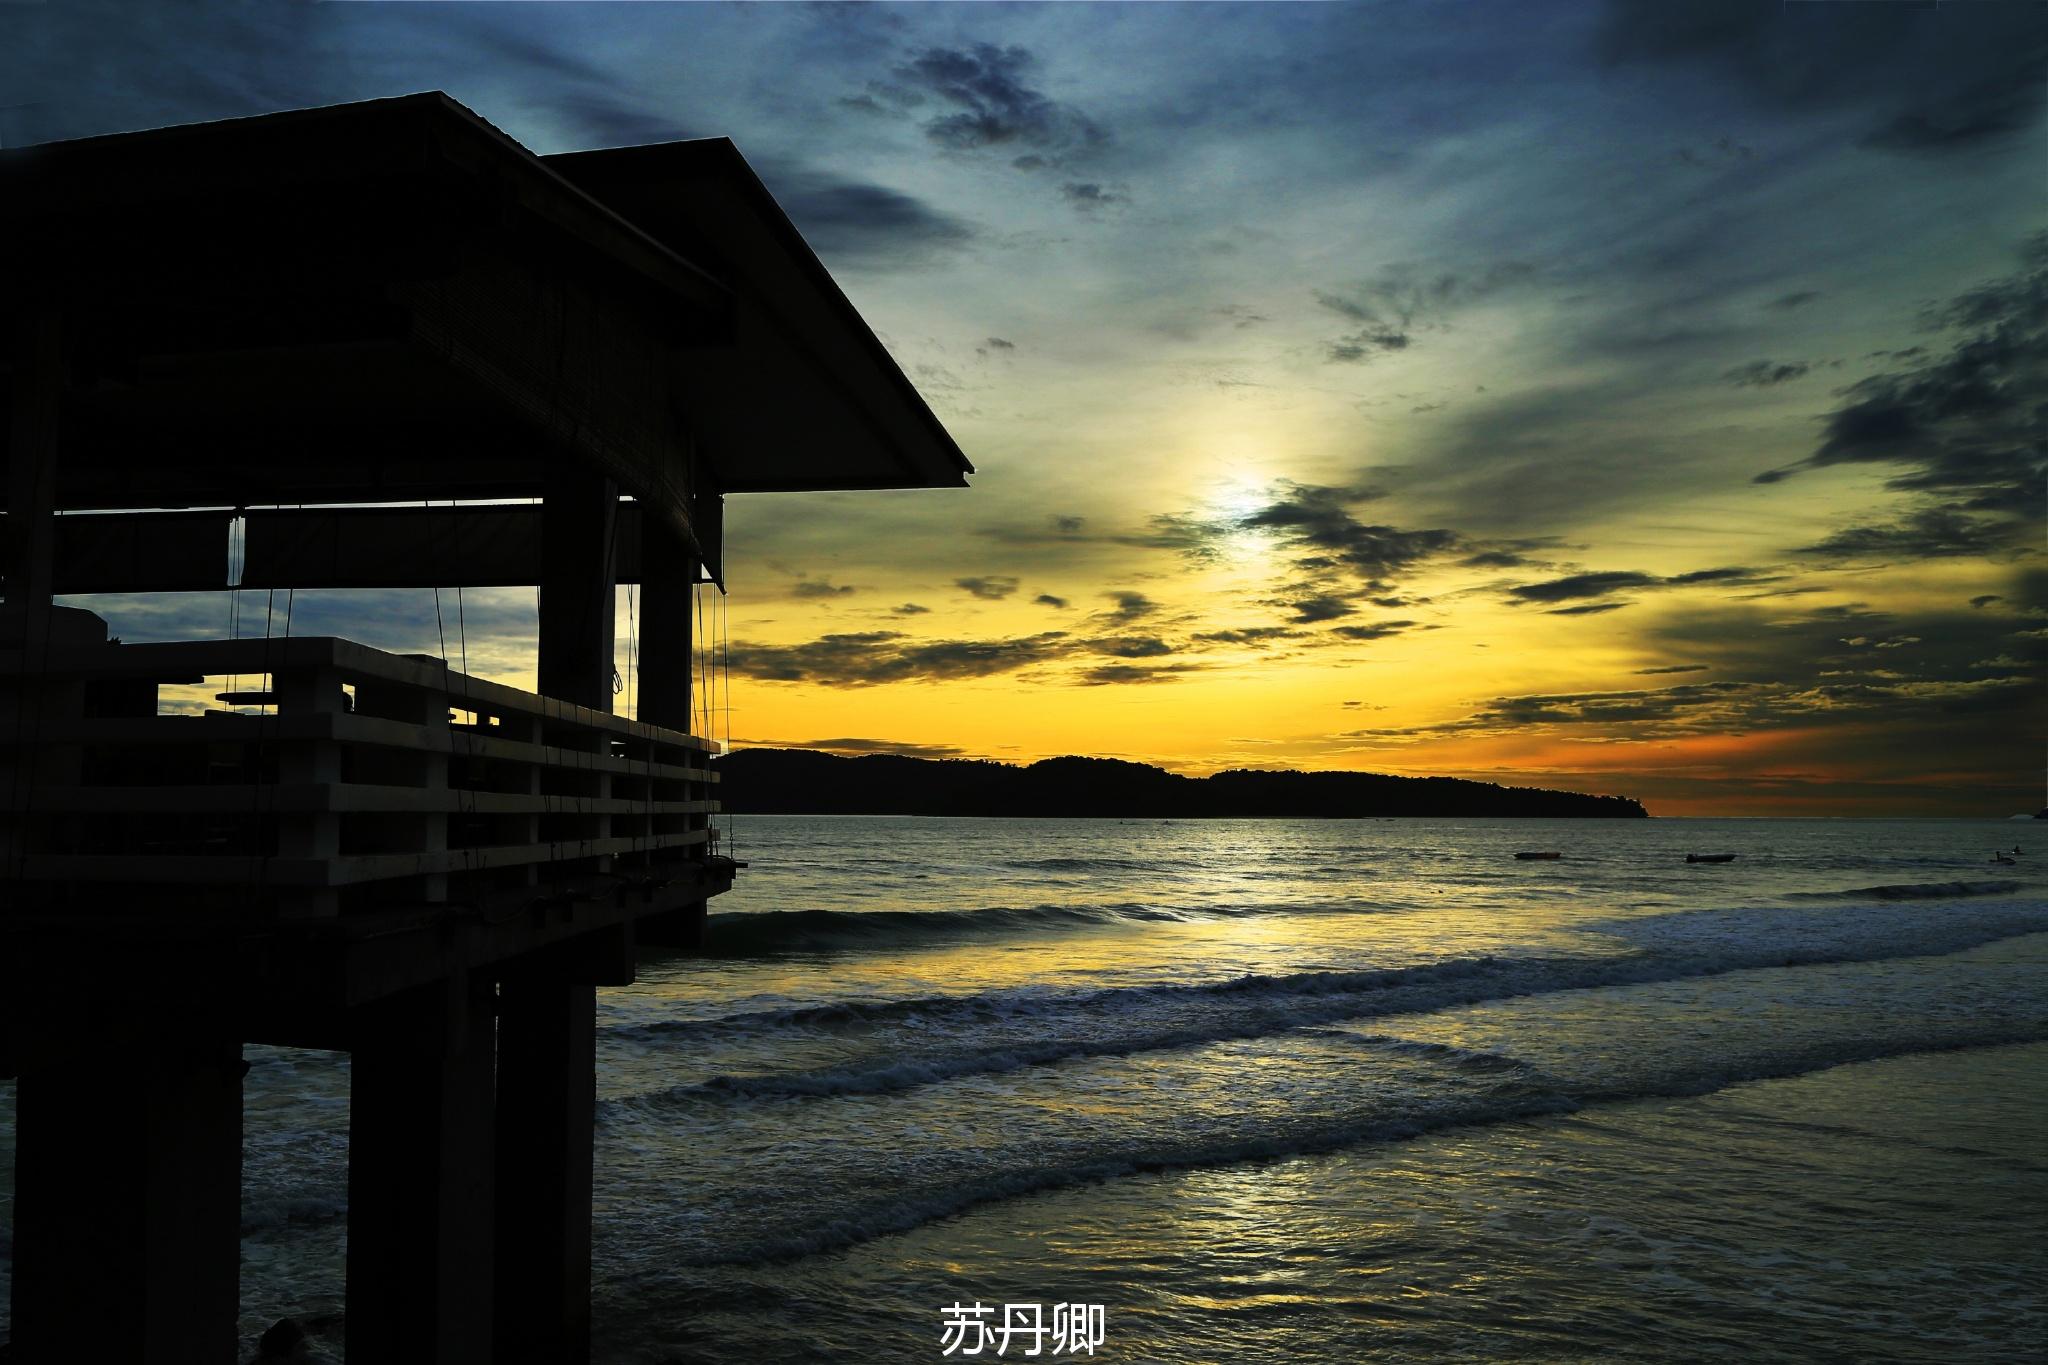 兰卡威最美珍南沙滩:天空之镜